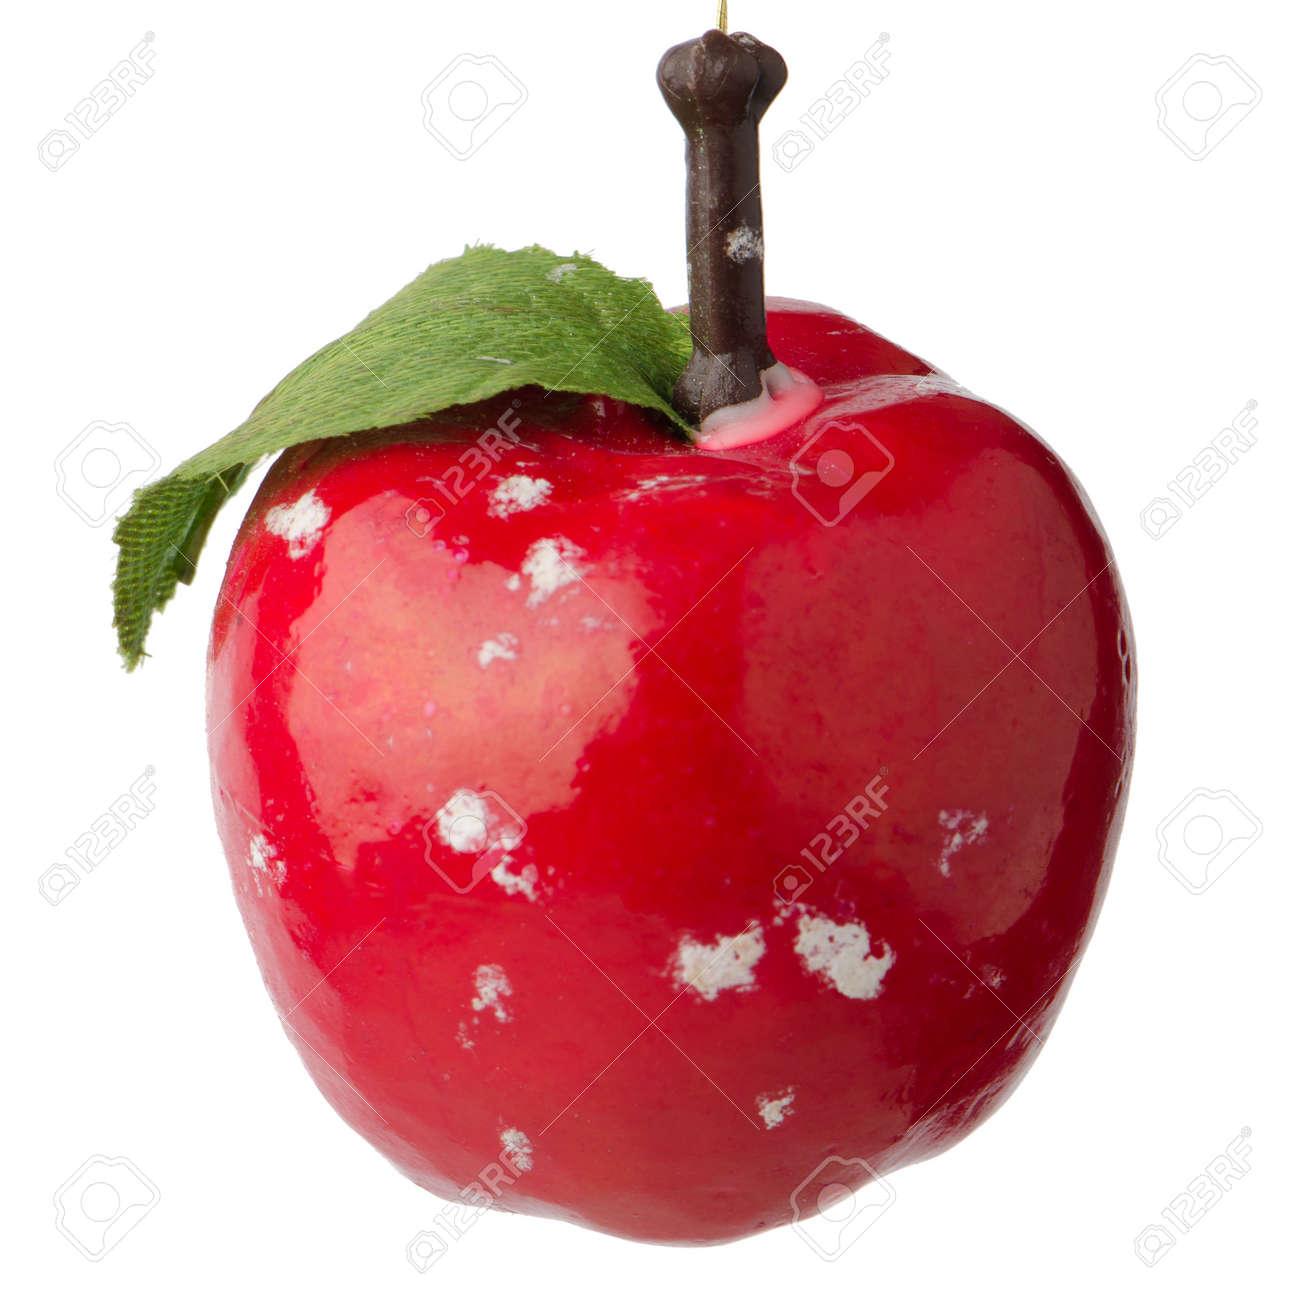 Boule De Noël Rouge Pendaison Décoration Pomme Isolé Sur Fond Blanc on